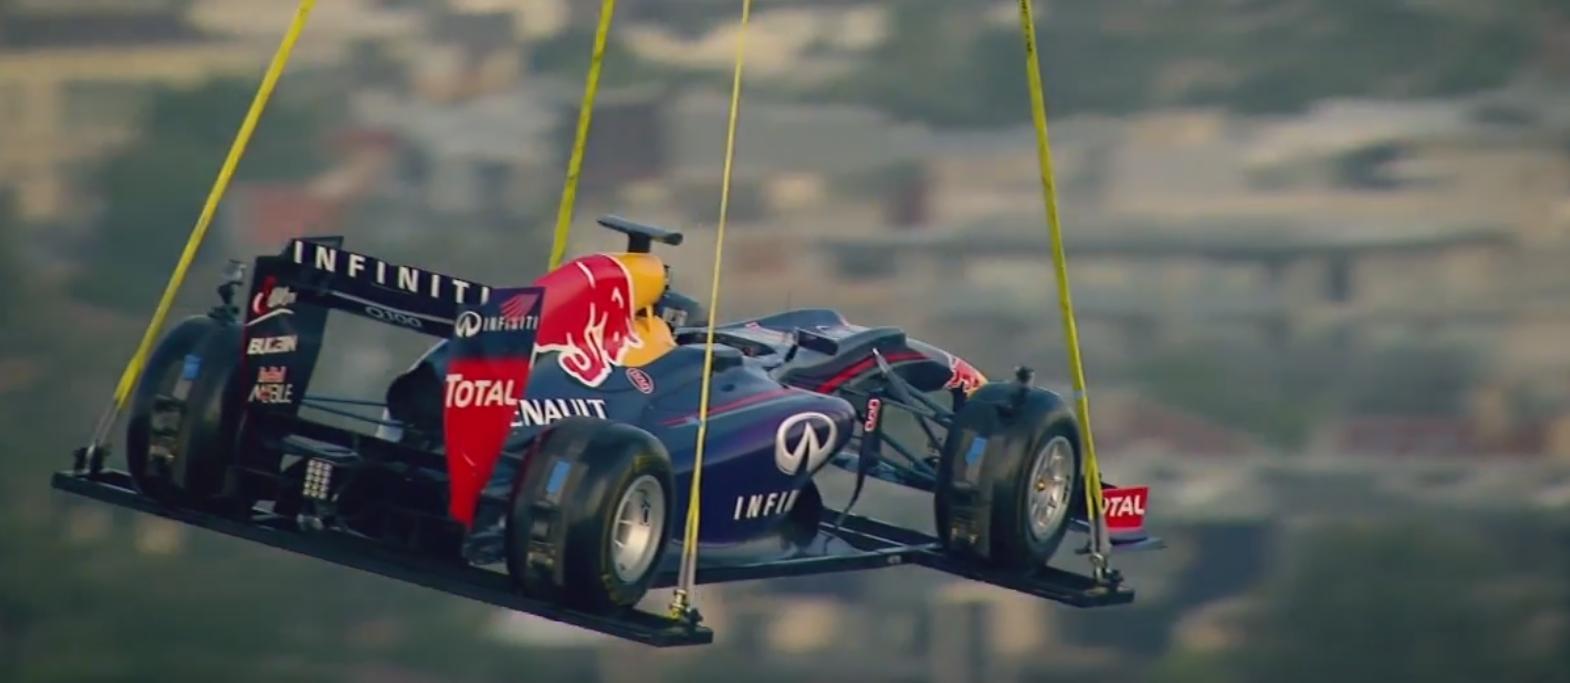 Ausztrál Nagydíj 2014: Levegőben a Red Bull! Látványos promócióra az évadnyitóra